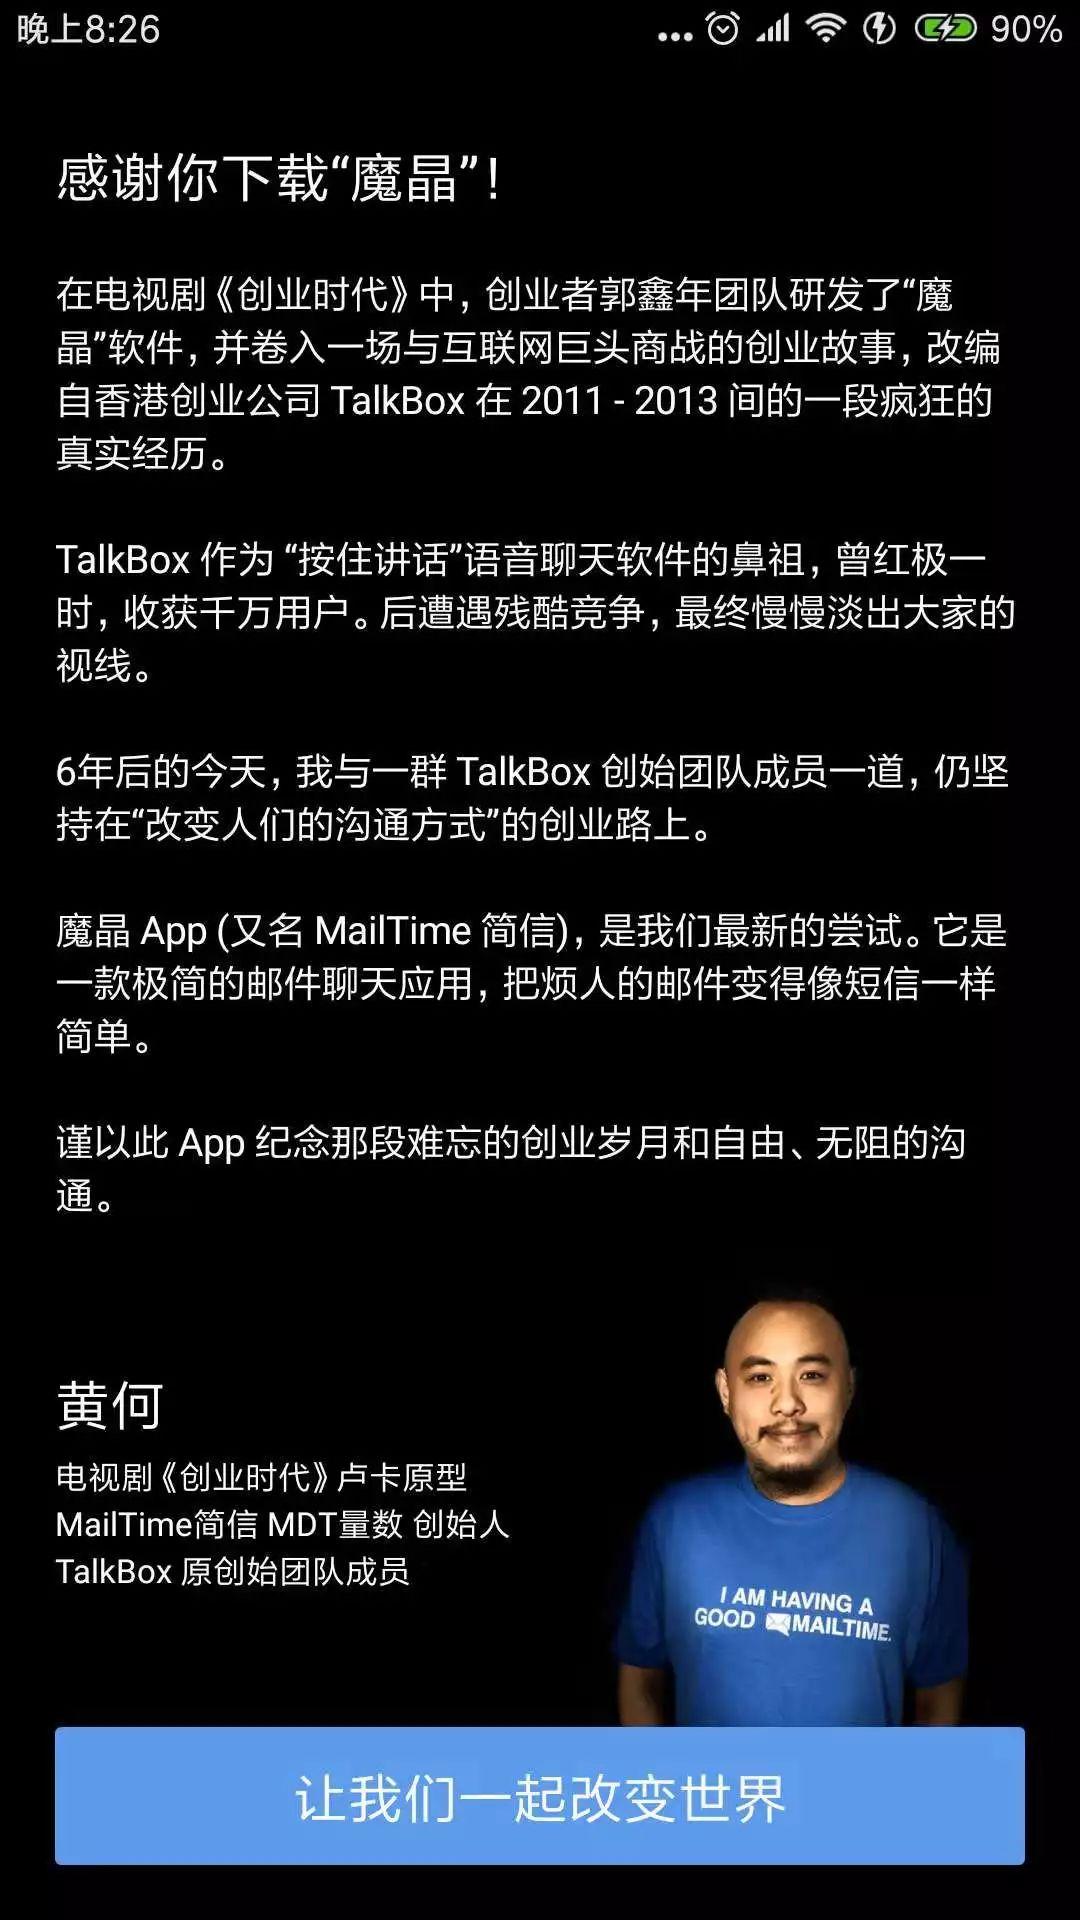 互联网遇到《创业时代》:人物乔布斯,剧情罗永浩